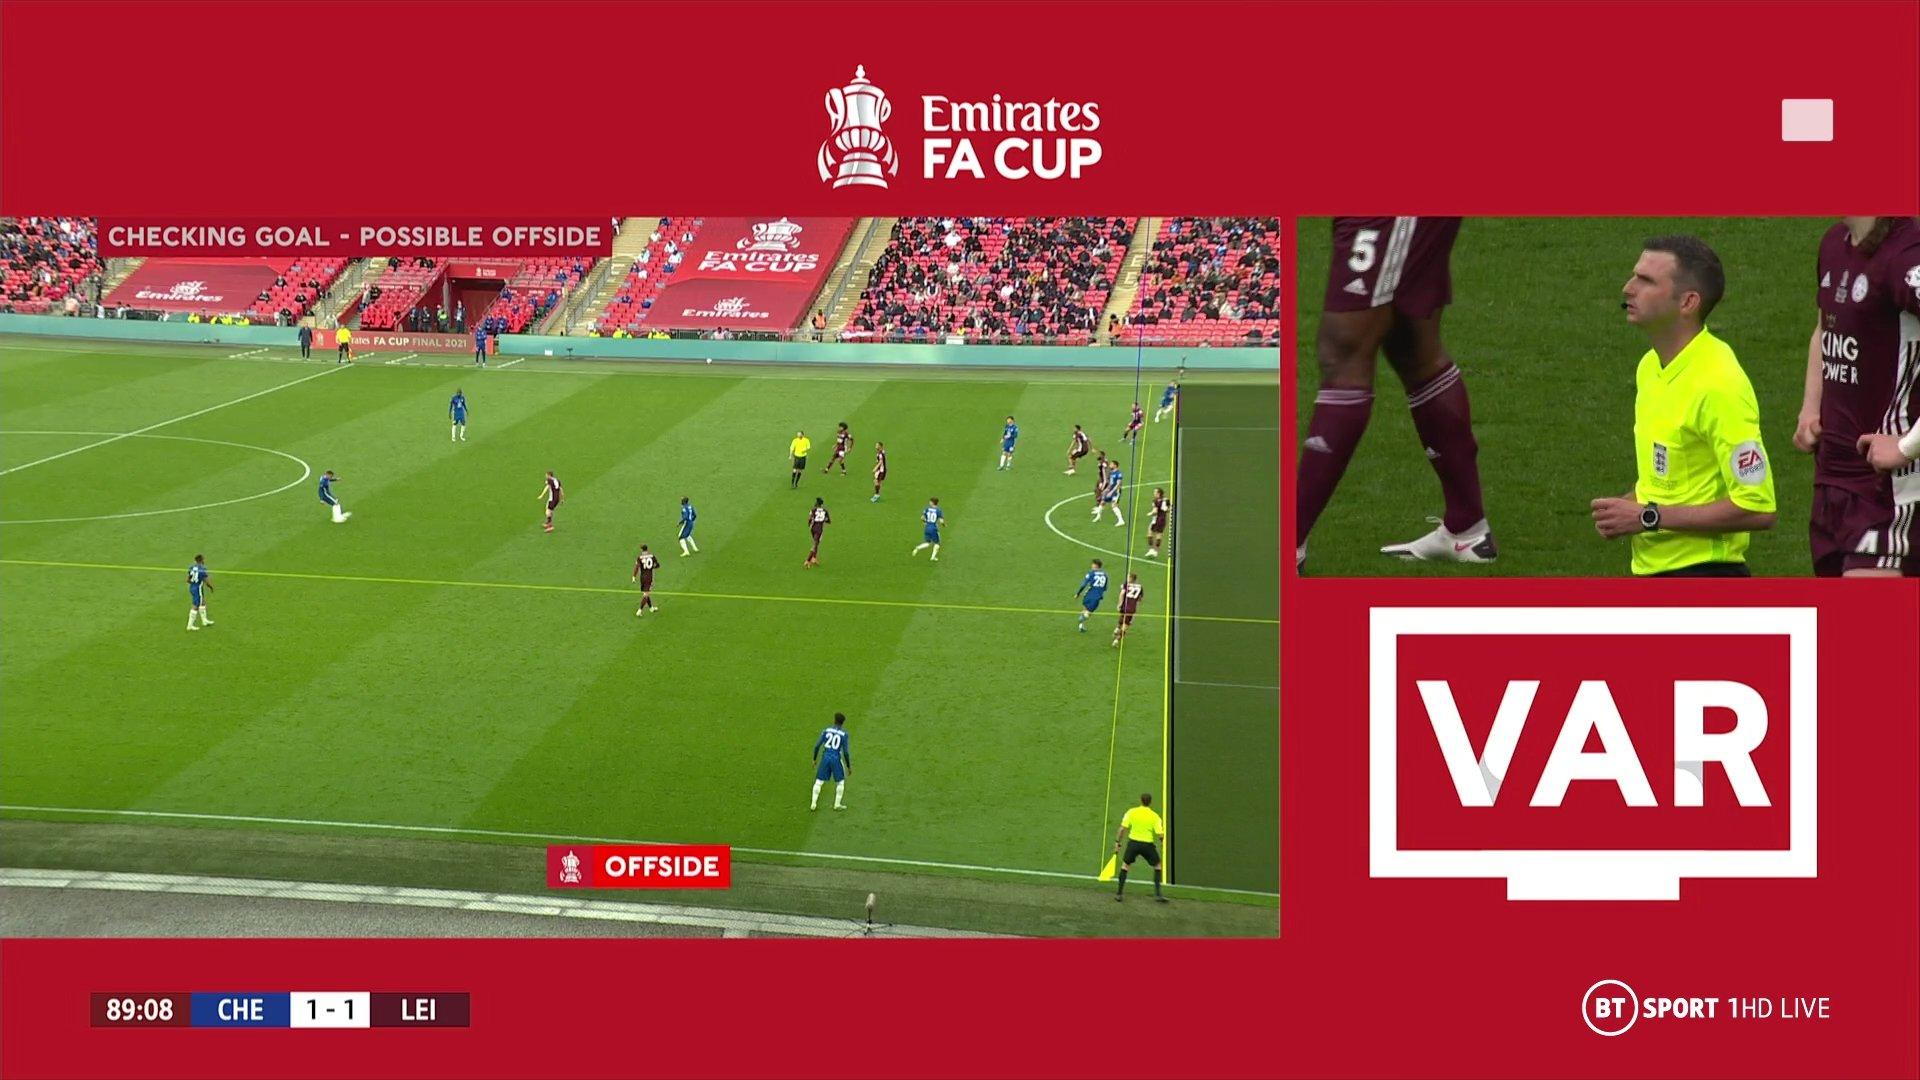 Фінал Кубка Англії. Челсі - Лестер 0:1. 137 років очікування - изображение 1